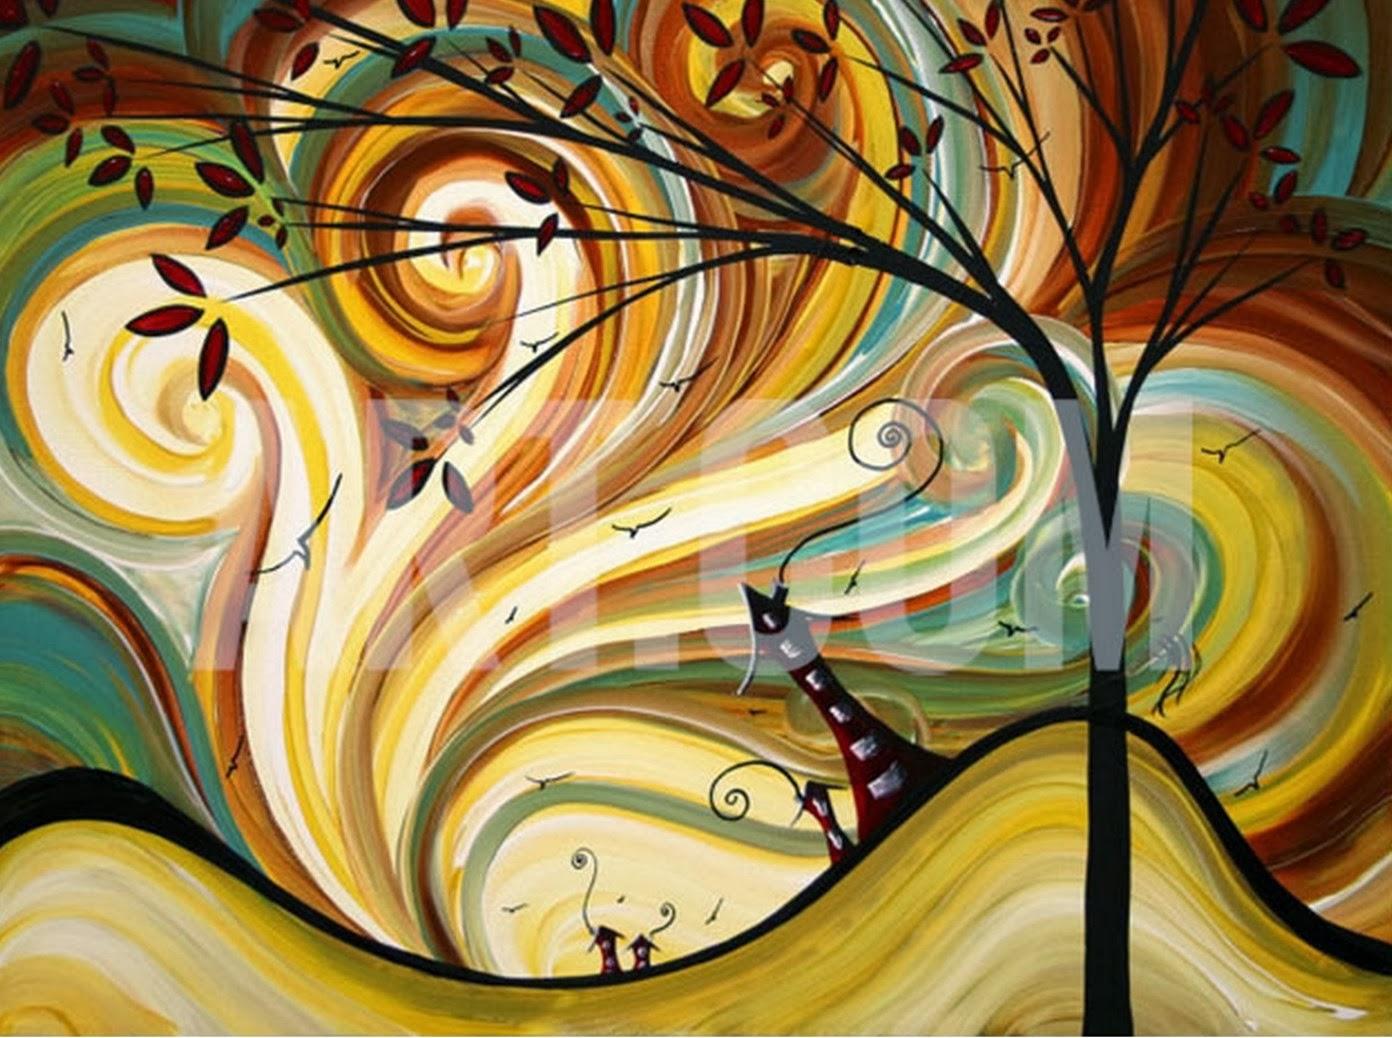 Cuadros modernos pinturas y dibujos cuadros modernos for Imagenes cuadros abstractos modernos